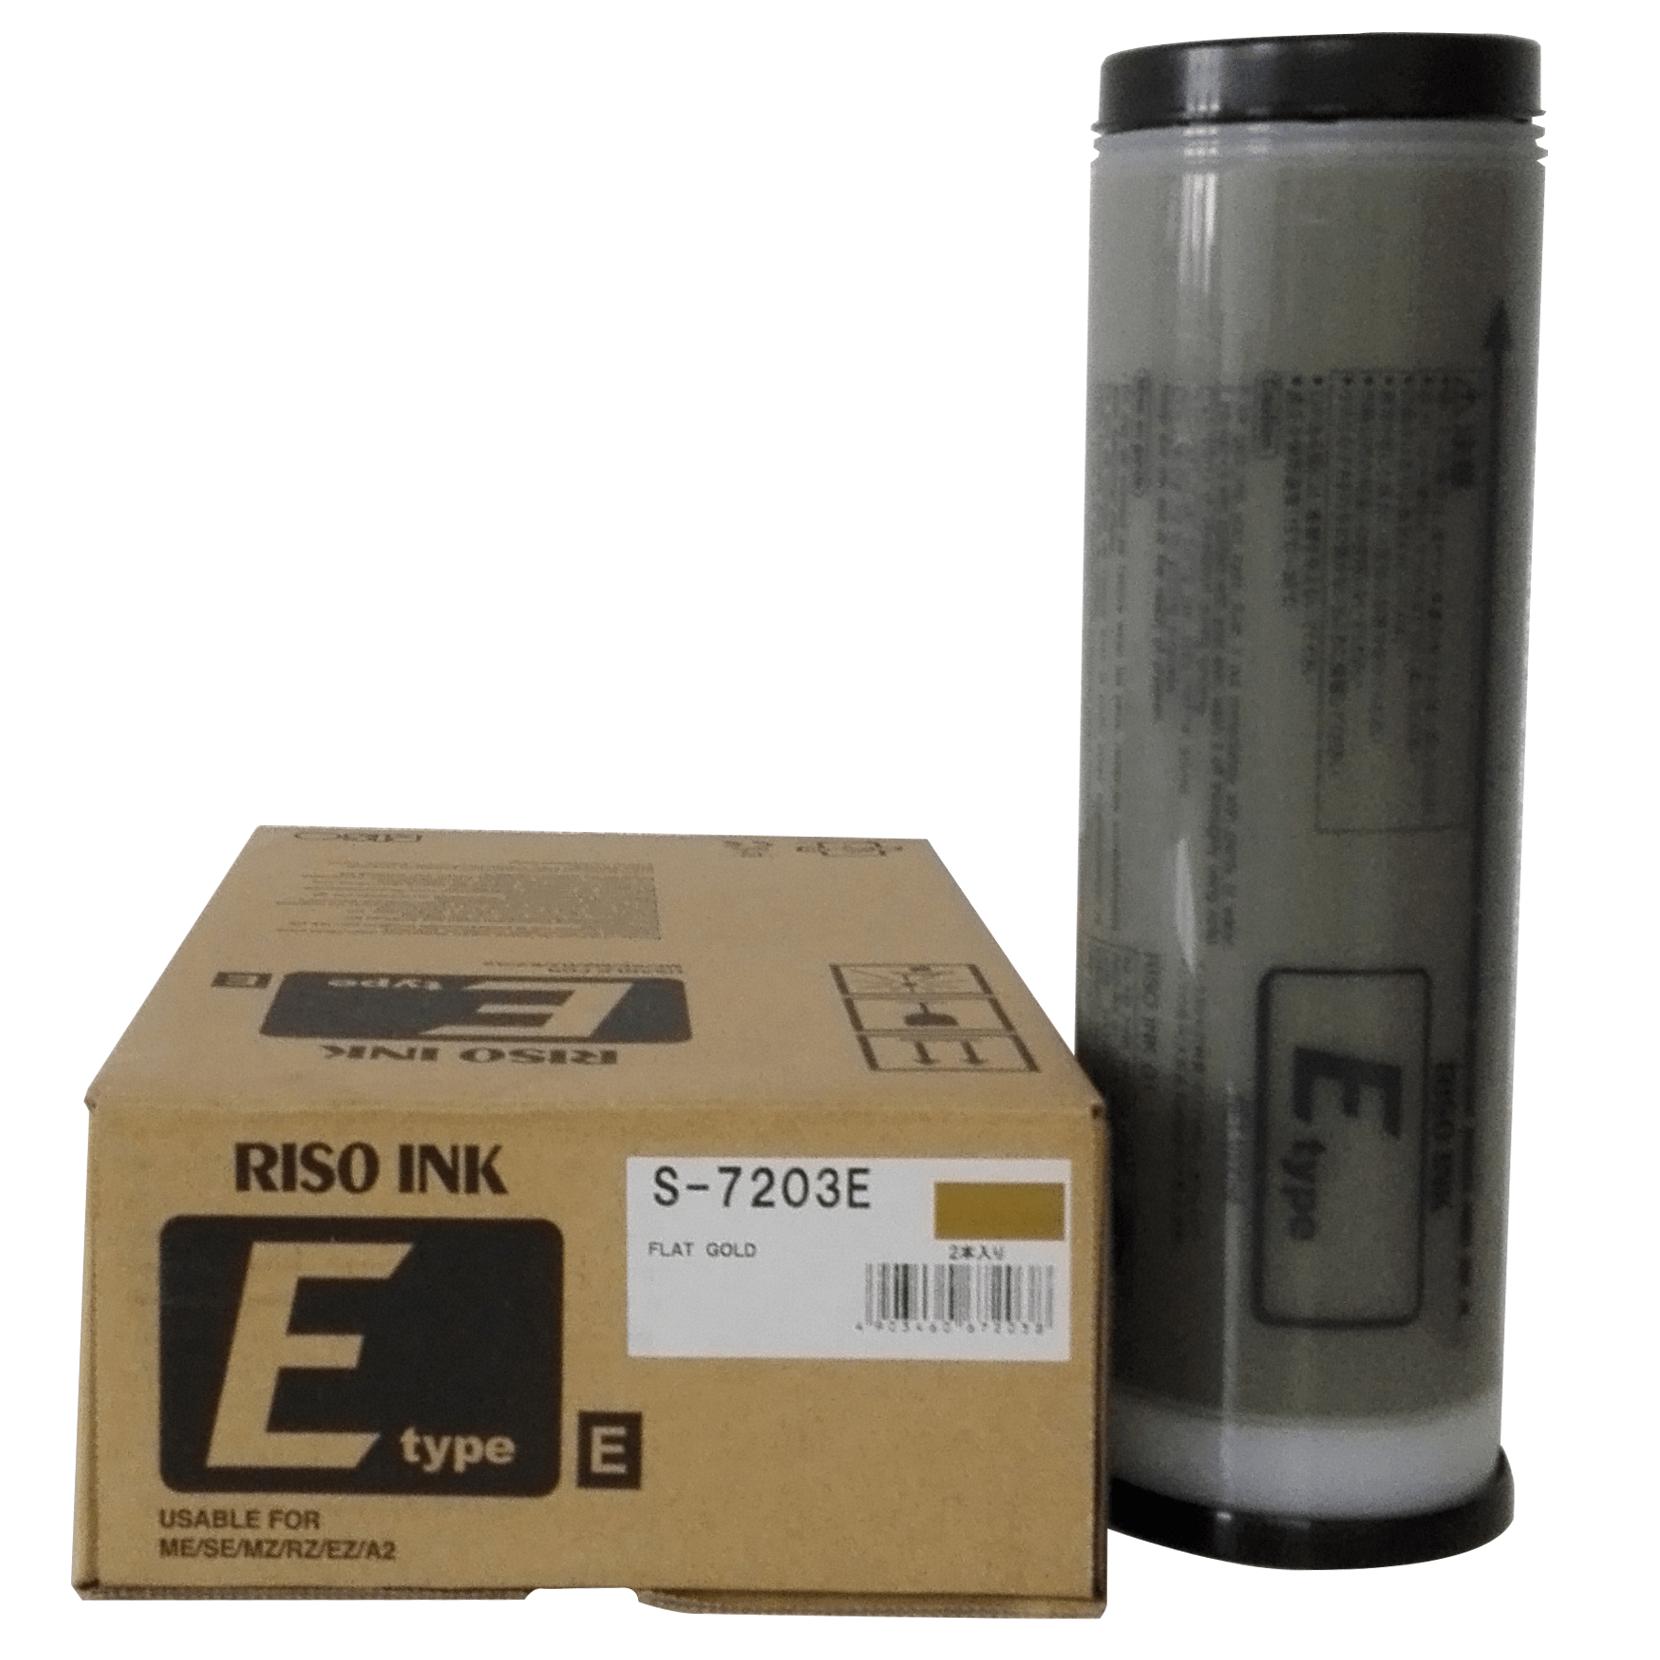 Farba (tusz) Riso s-7203e (ME/SE/MZ/RZ/EZ/A2)